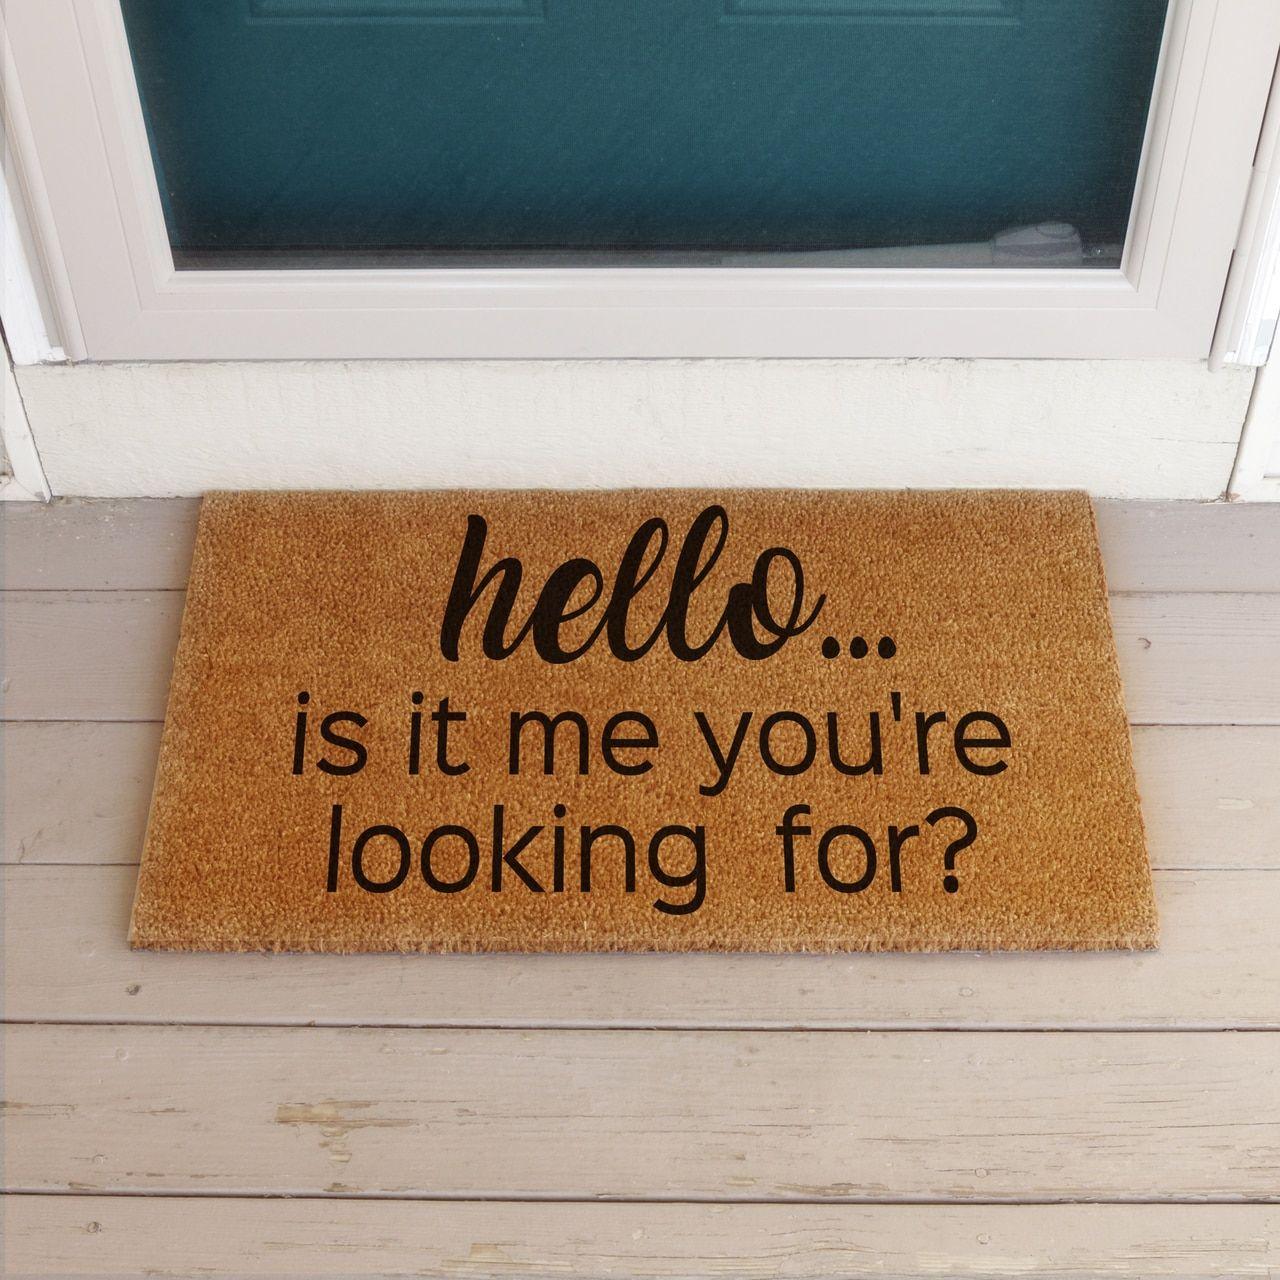 Hello Is It Me You Re Looking For Coir Doormat Funny Doormats Welcome Mats Funny Welcome Doormat Porchdecor Lio Door Mat Coir Doormat Funny Welcome Mat